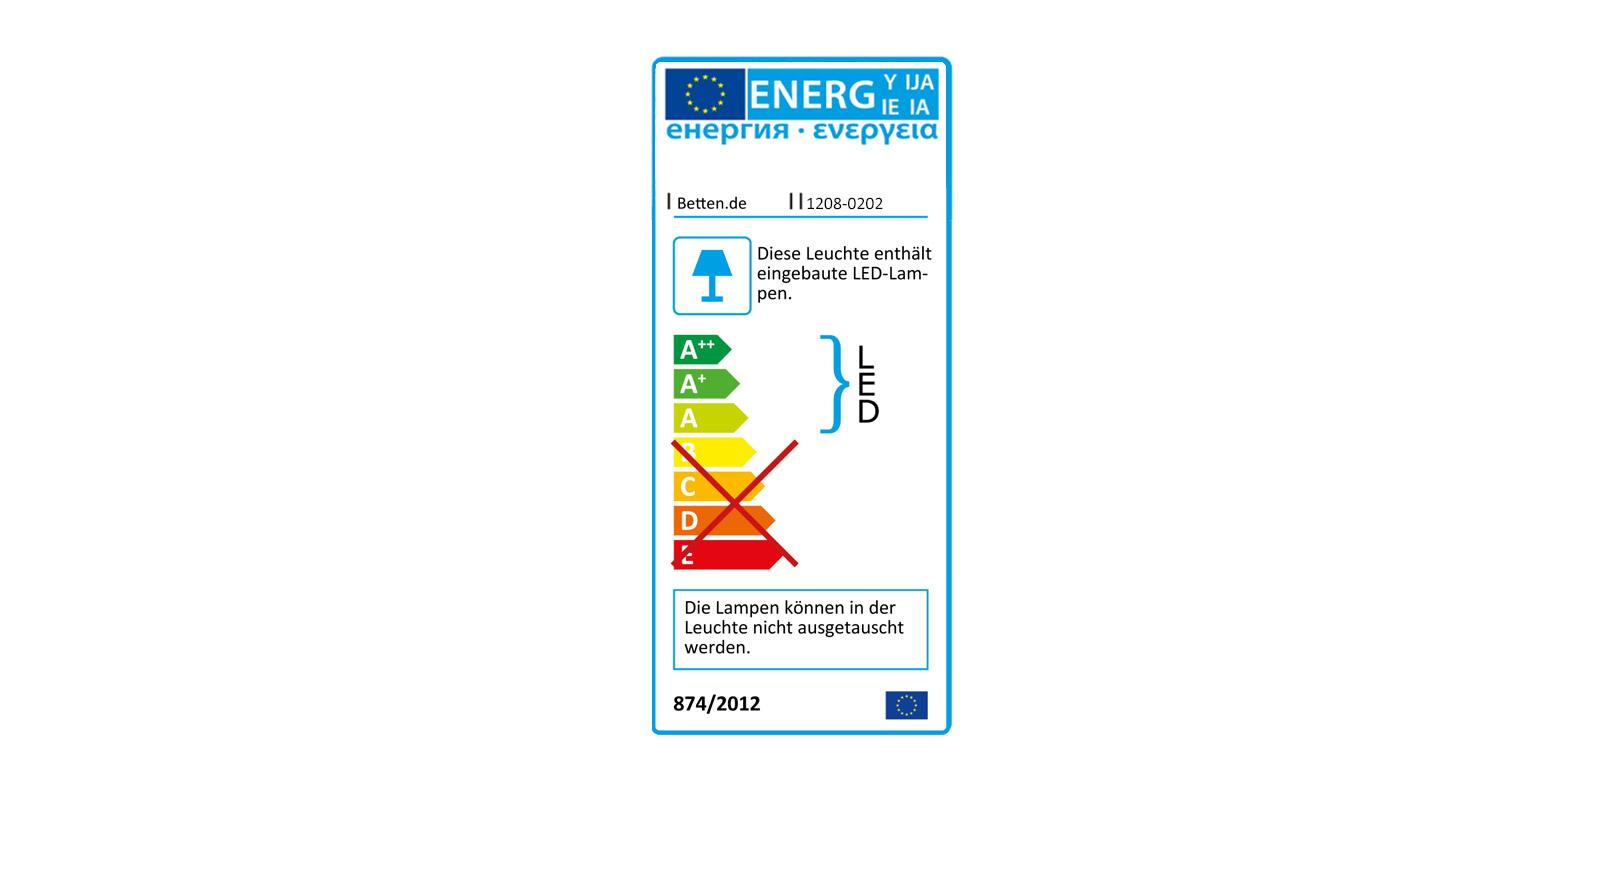 Energieverbrauchskennzeichnung vom Bett Lucea